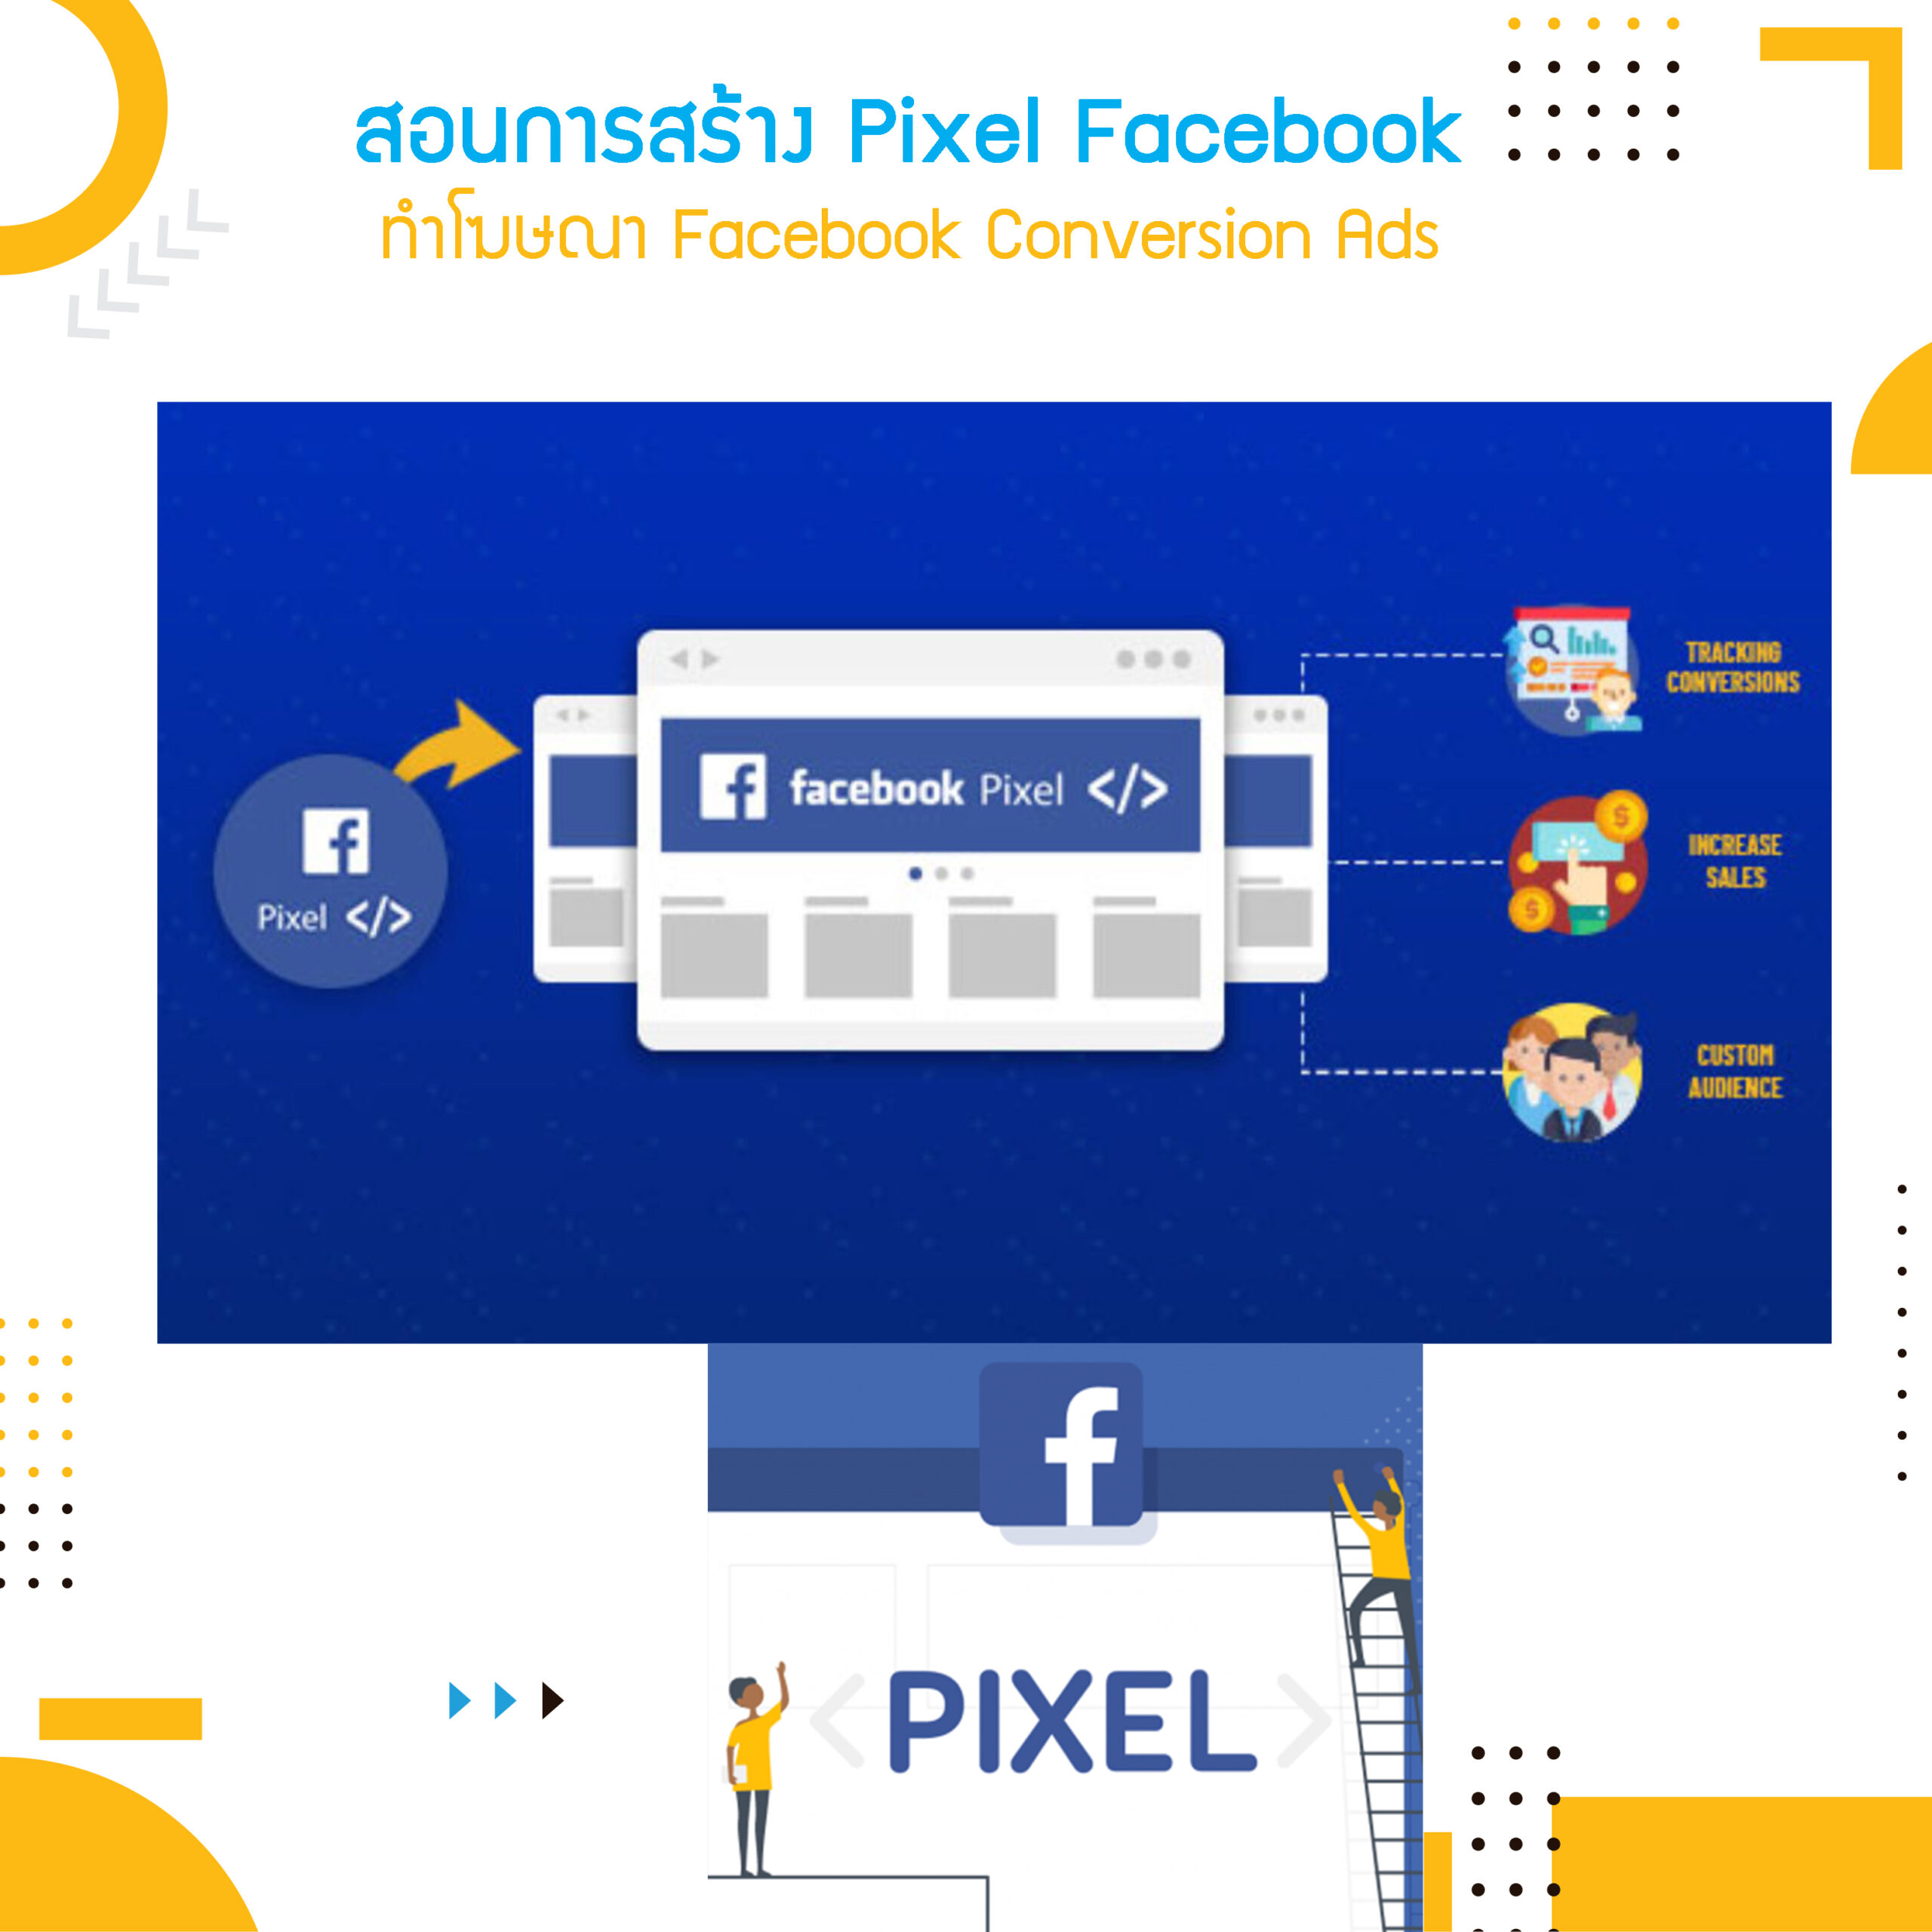 สอนการสร้าง Pixel Facebook